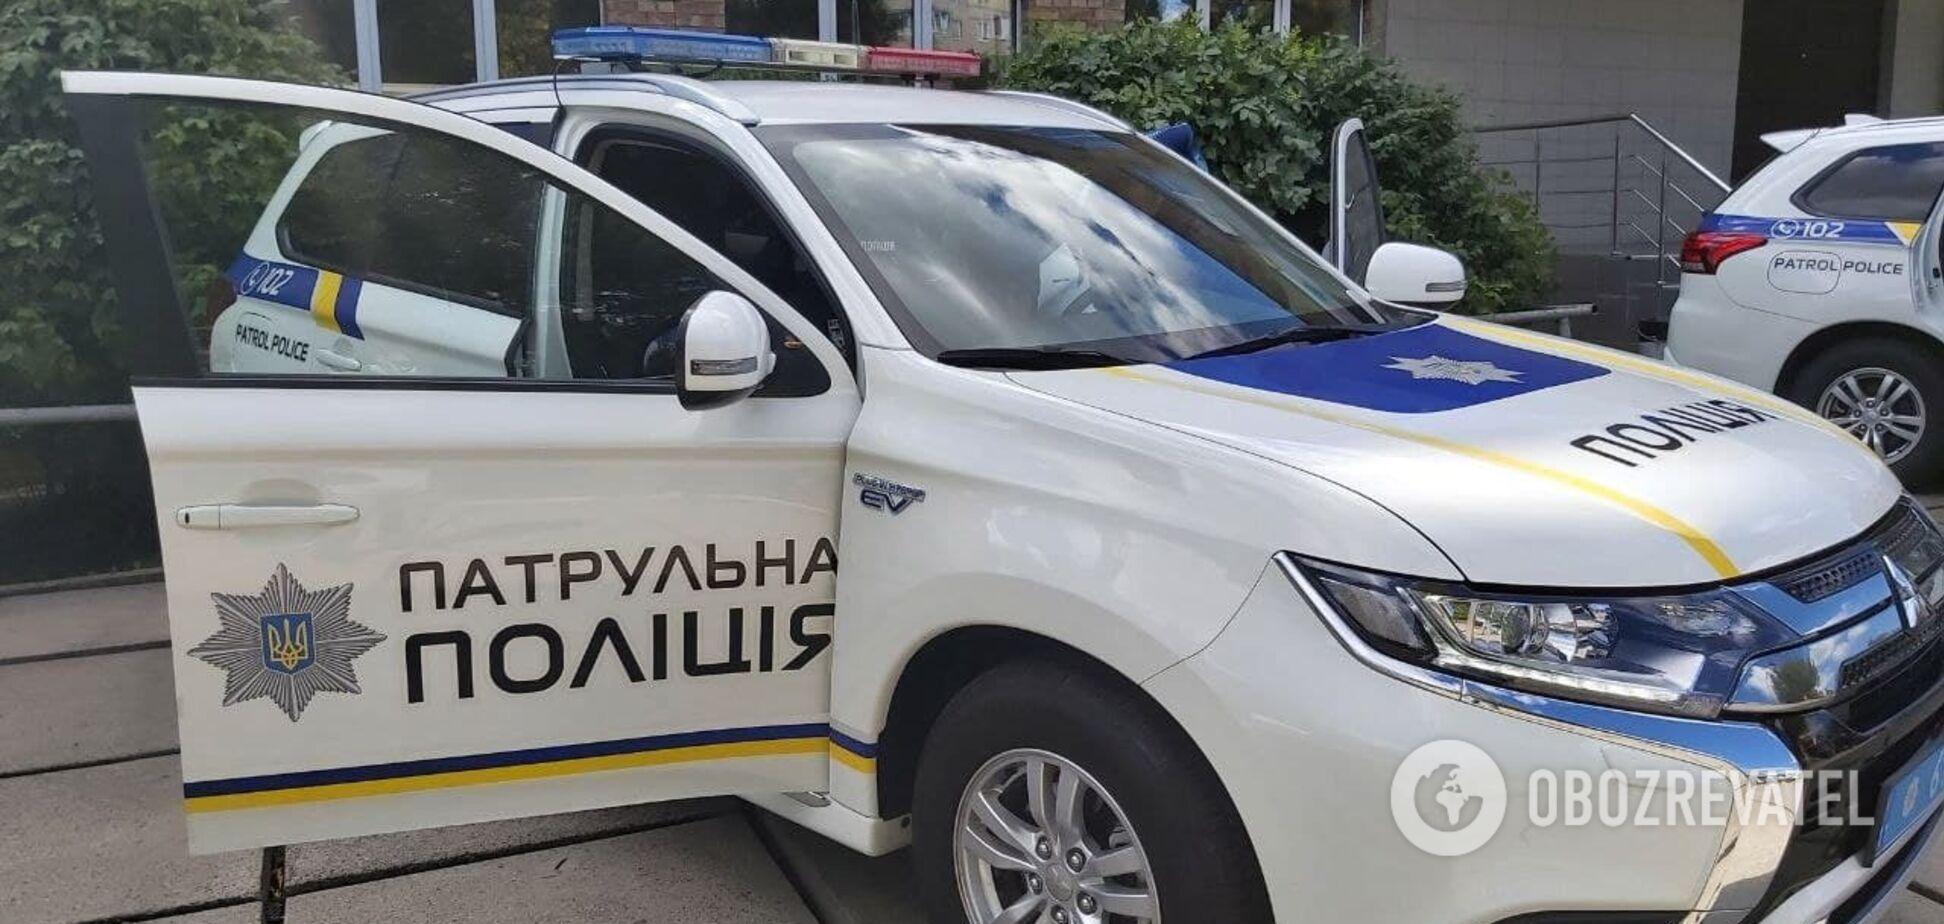 Обстоятельства трагедии установит полиция